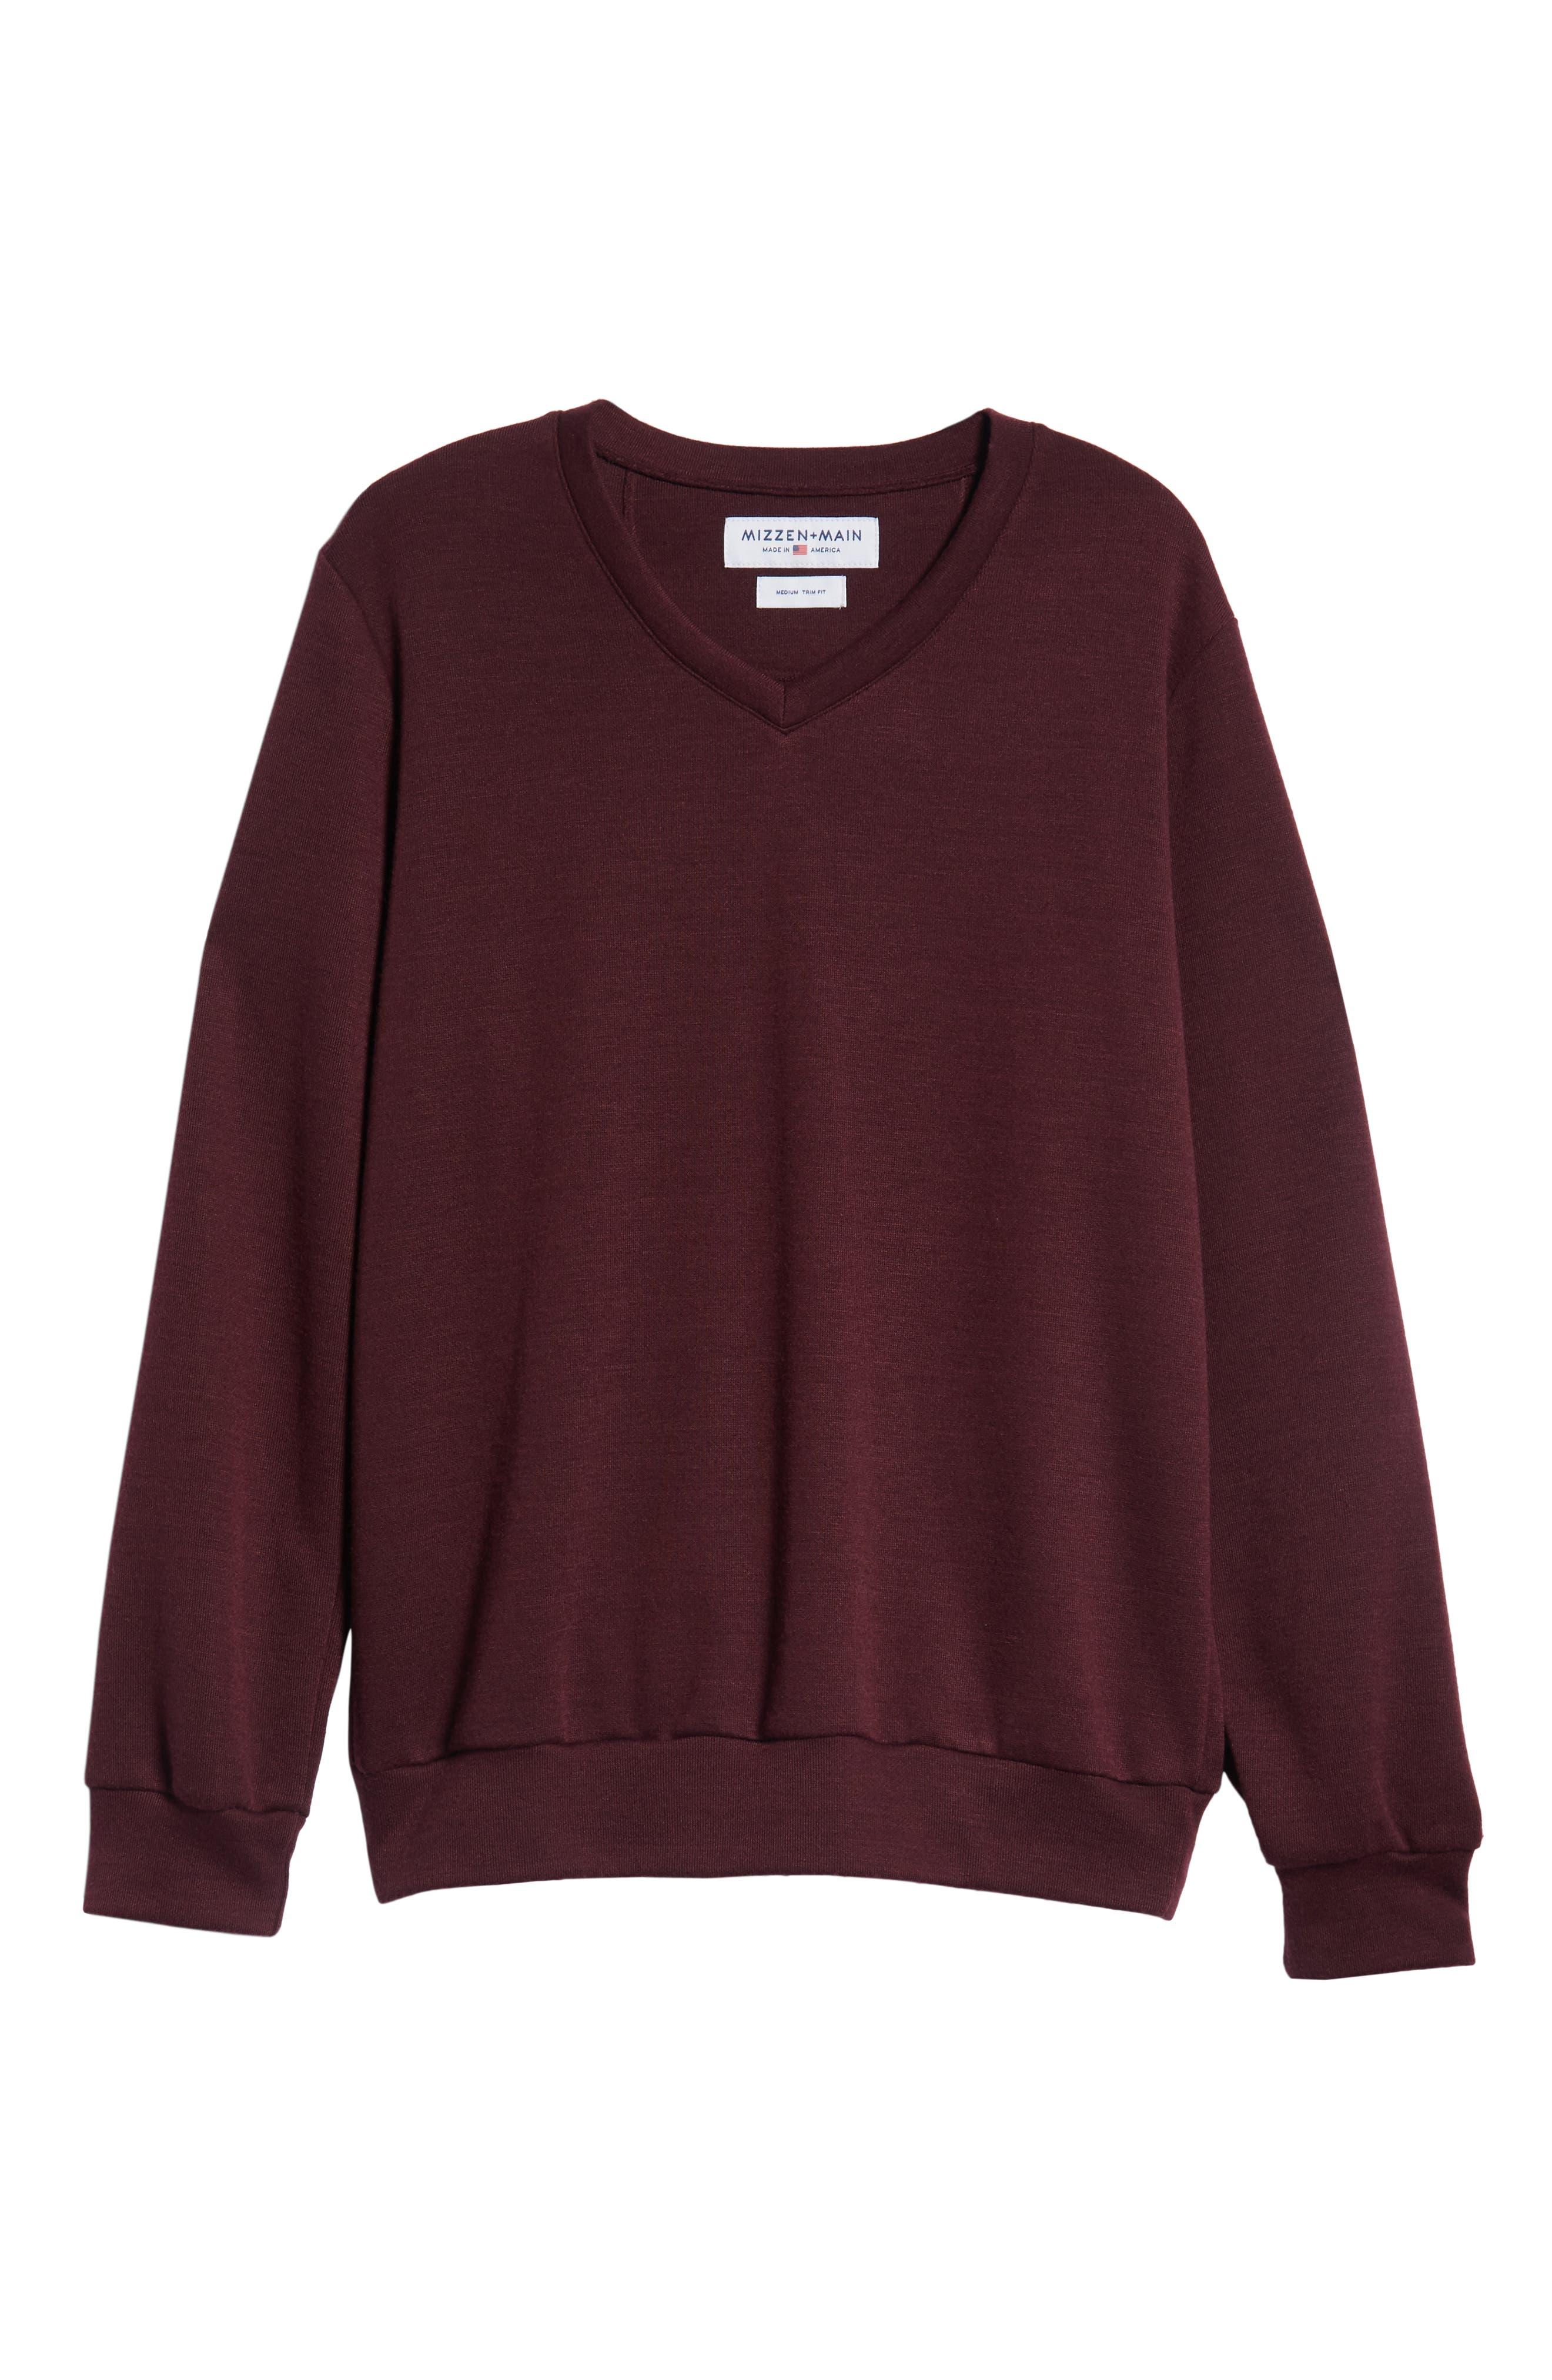 Pomerelle V-Neck Performance Sweater,                             Alternate thumbnail 6, color,                             MERLOT